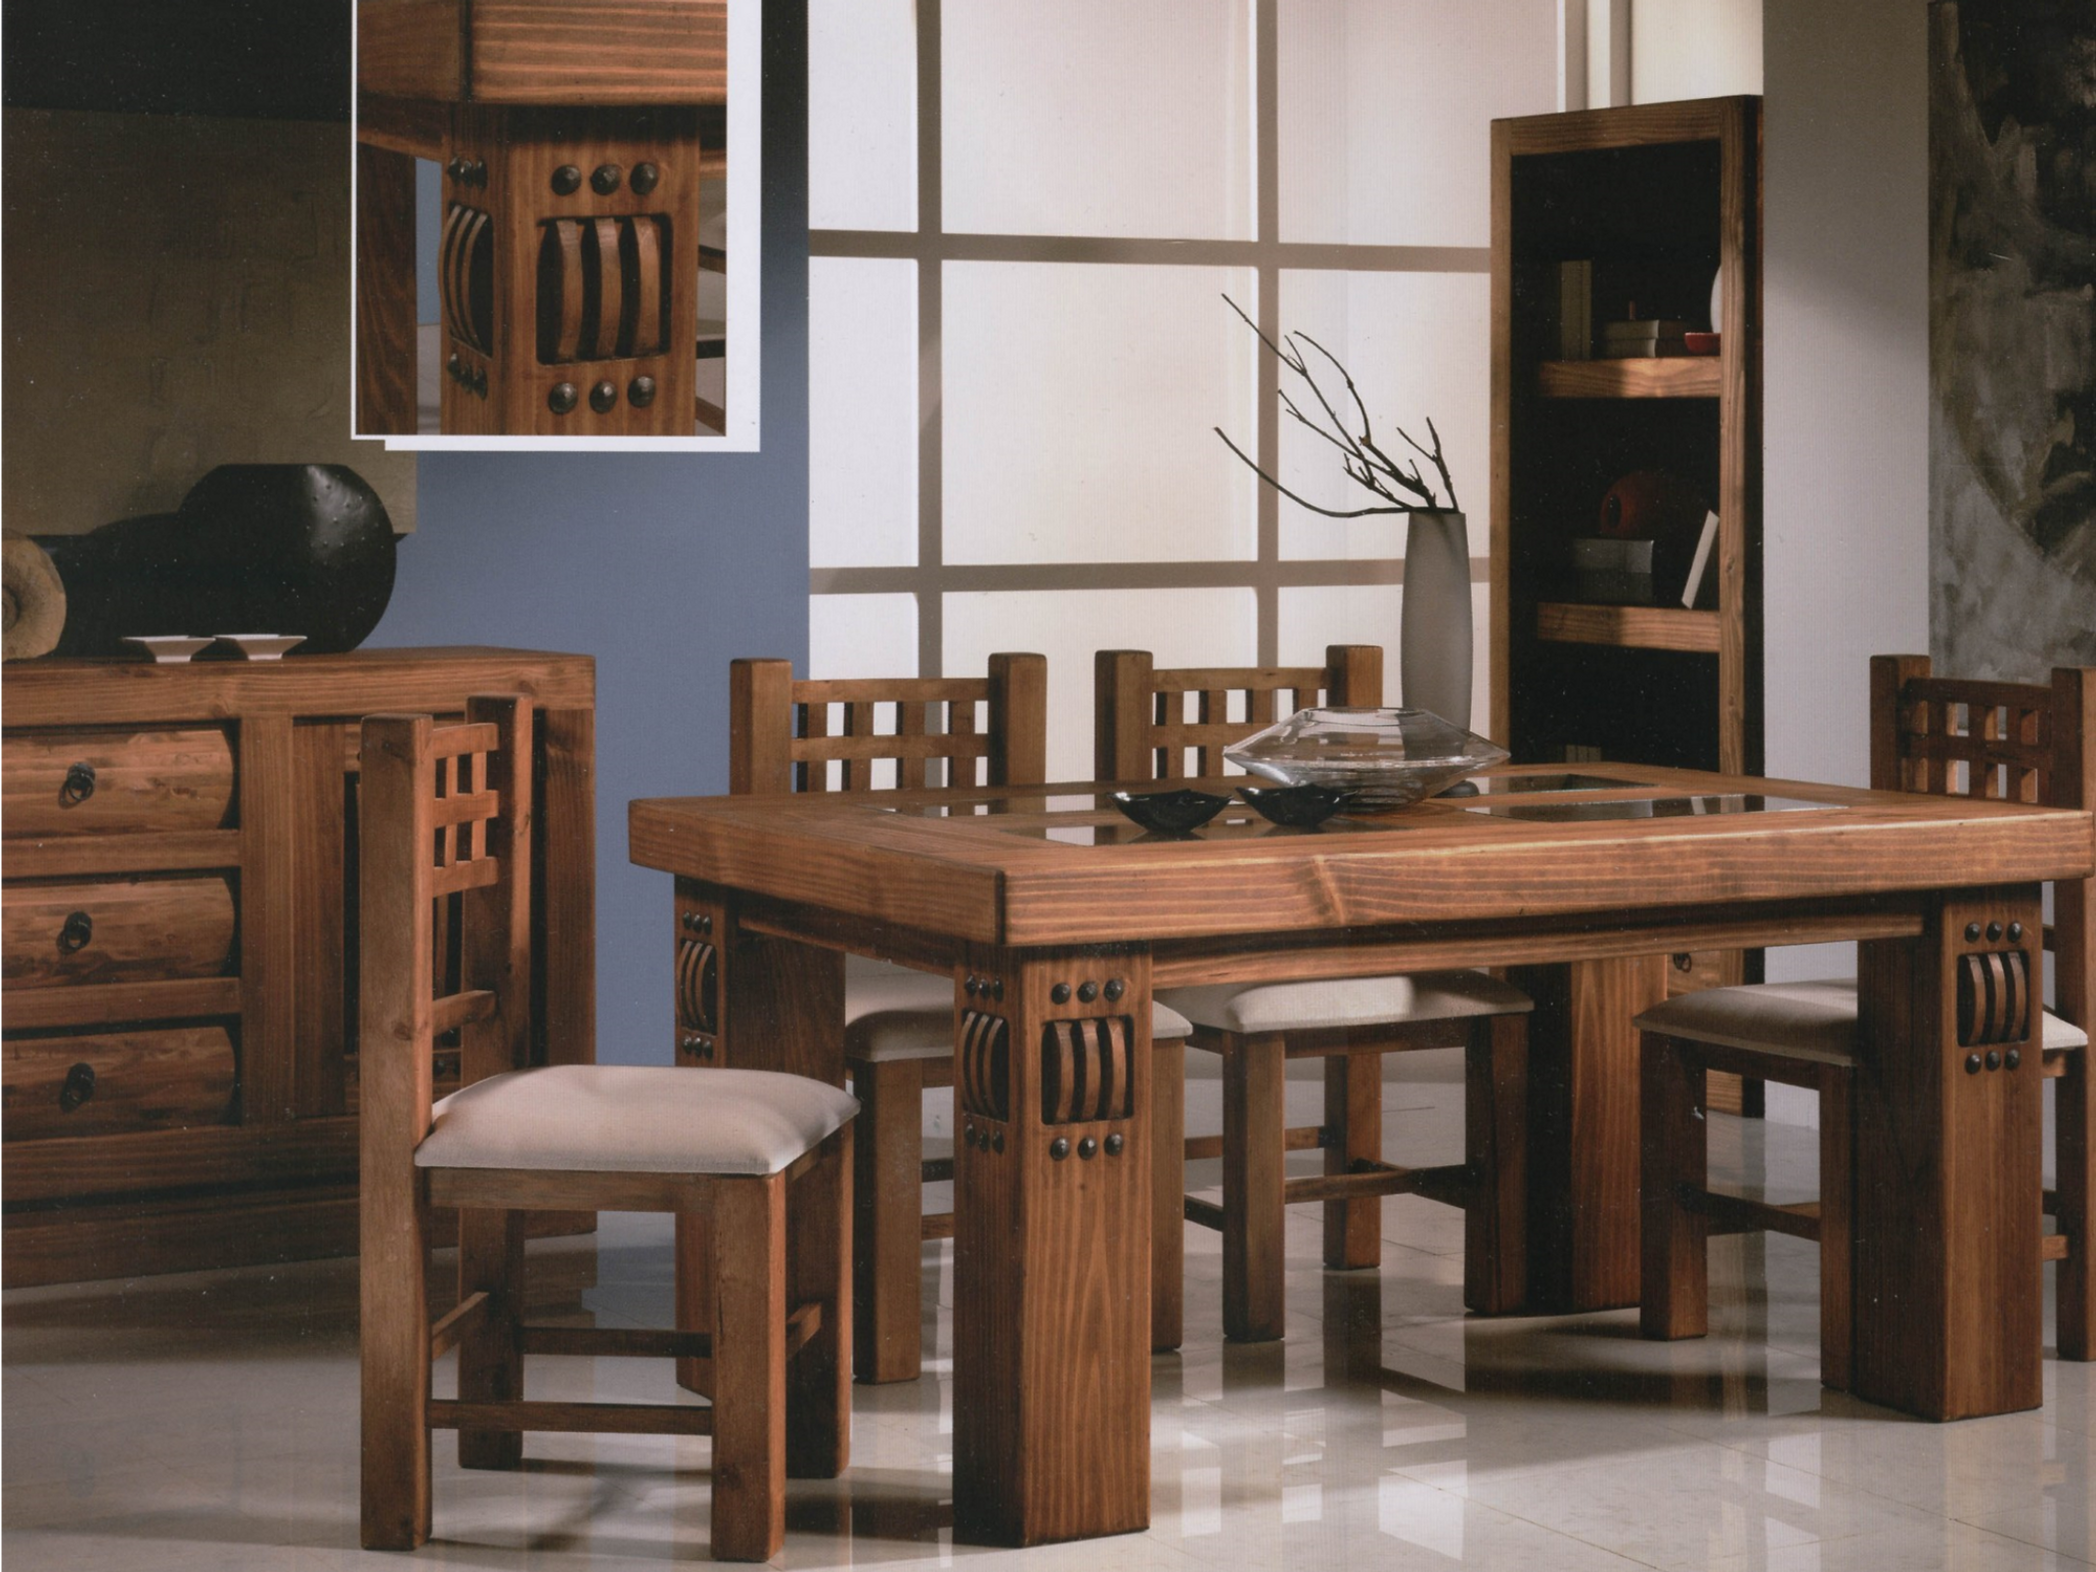 Muebles dencina granada obtenga ideas dise o de muebles para su hogar aqu - Muebles de cocina en granada ...